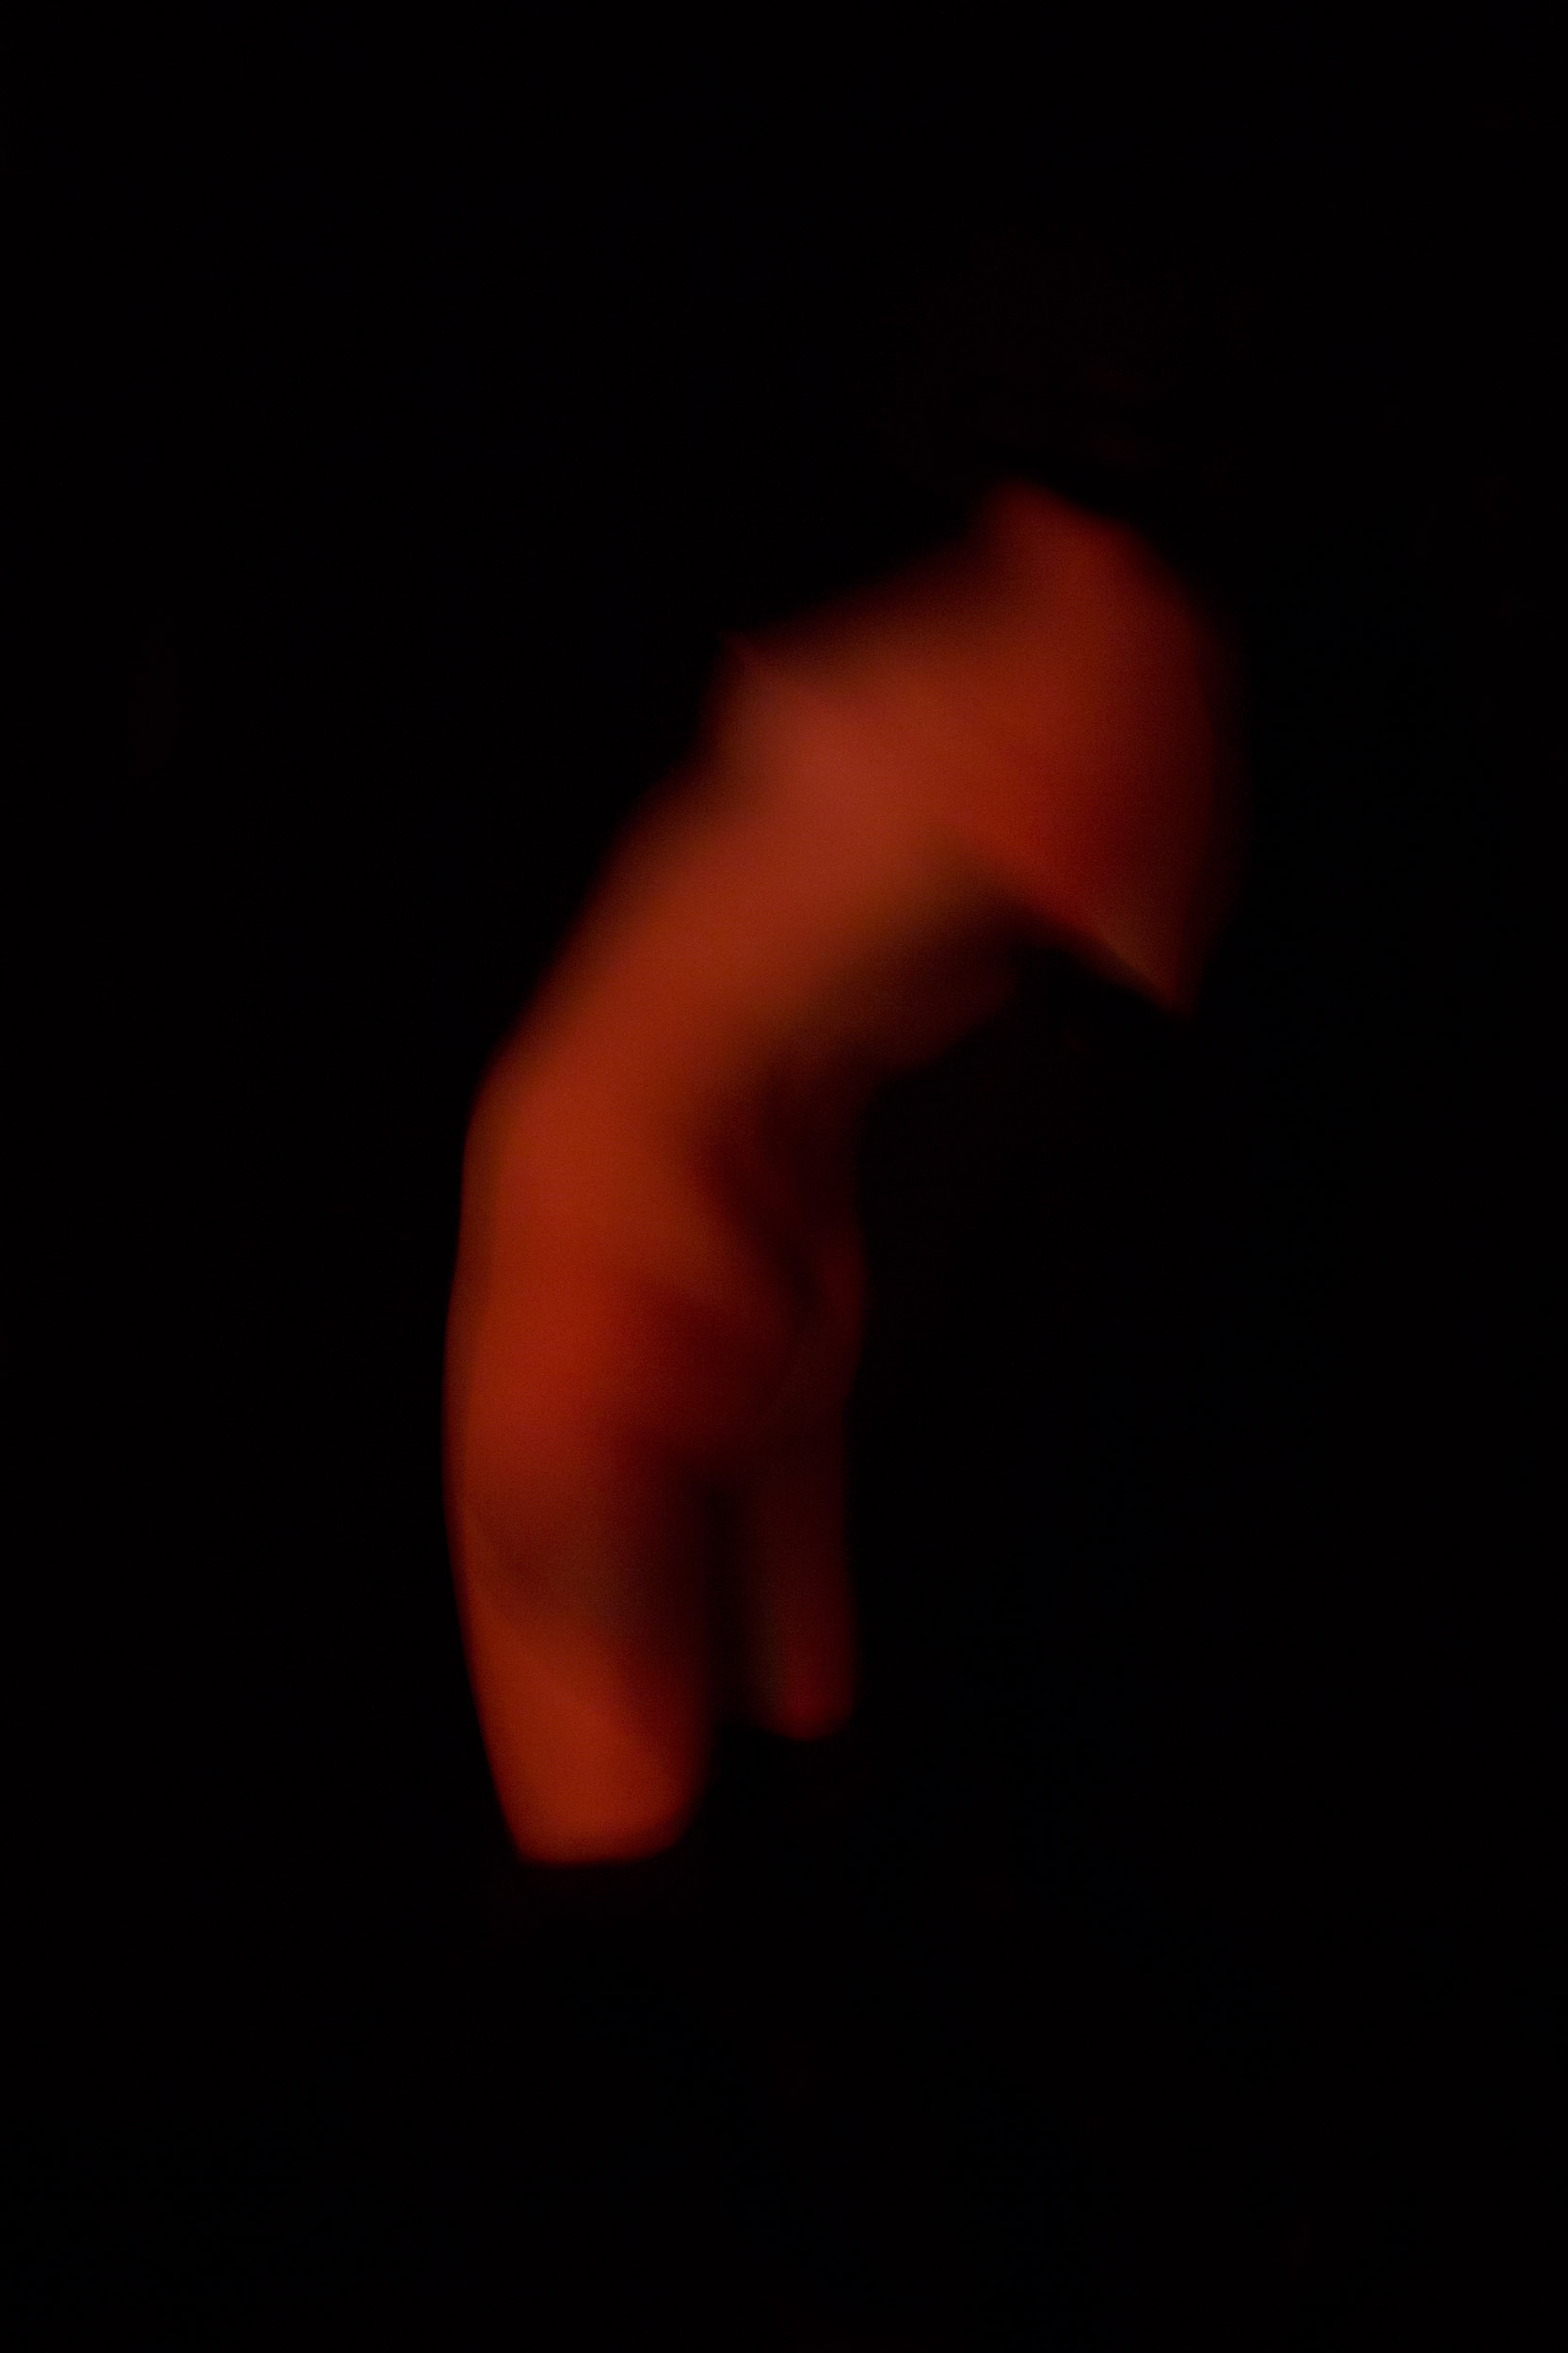 hodosy_invisible-you-honlap-7-3.jpg